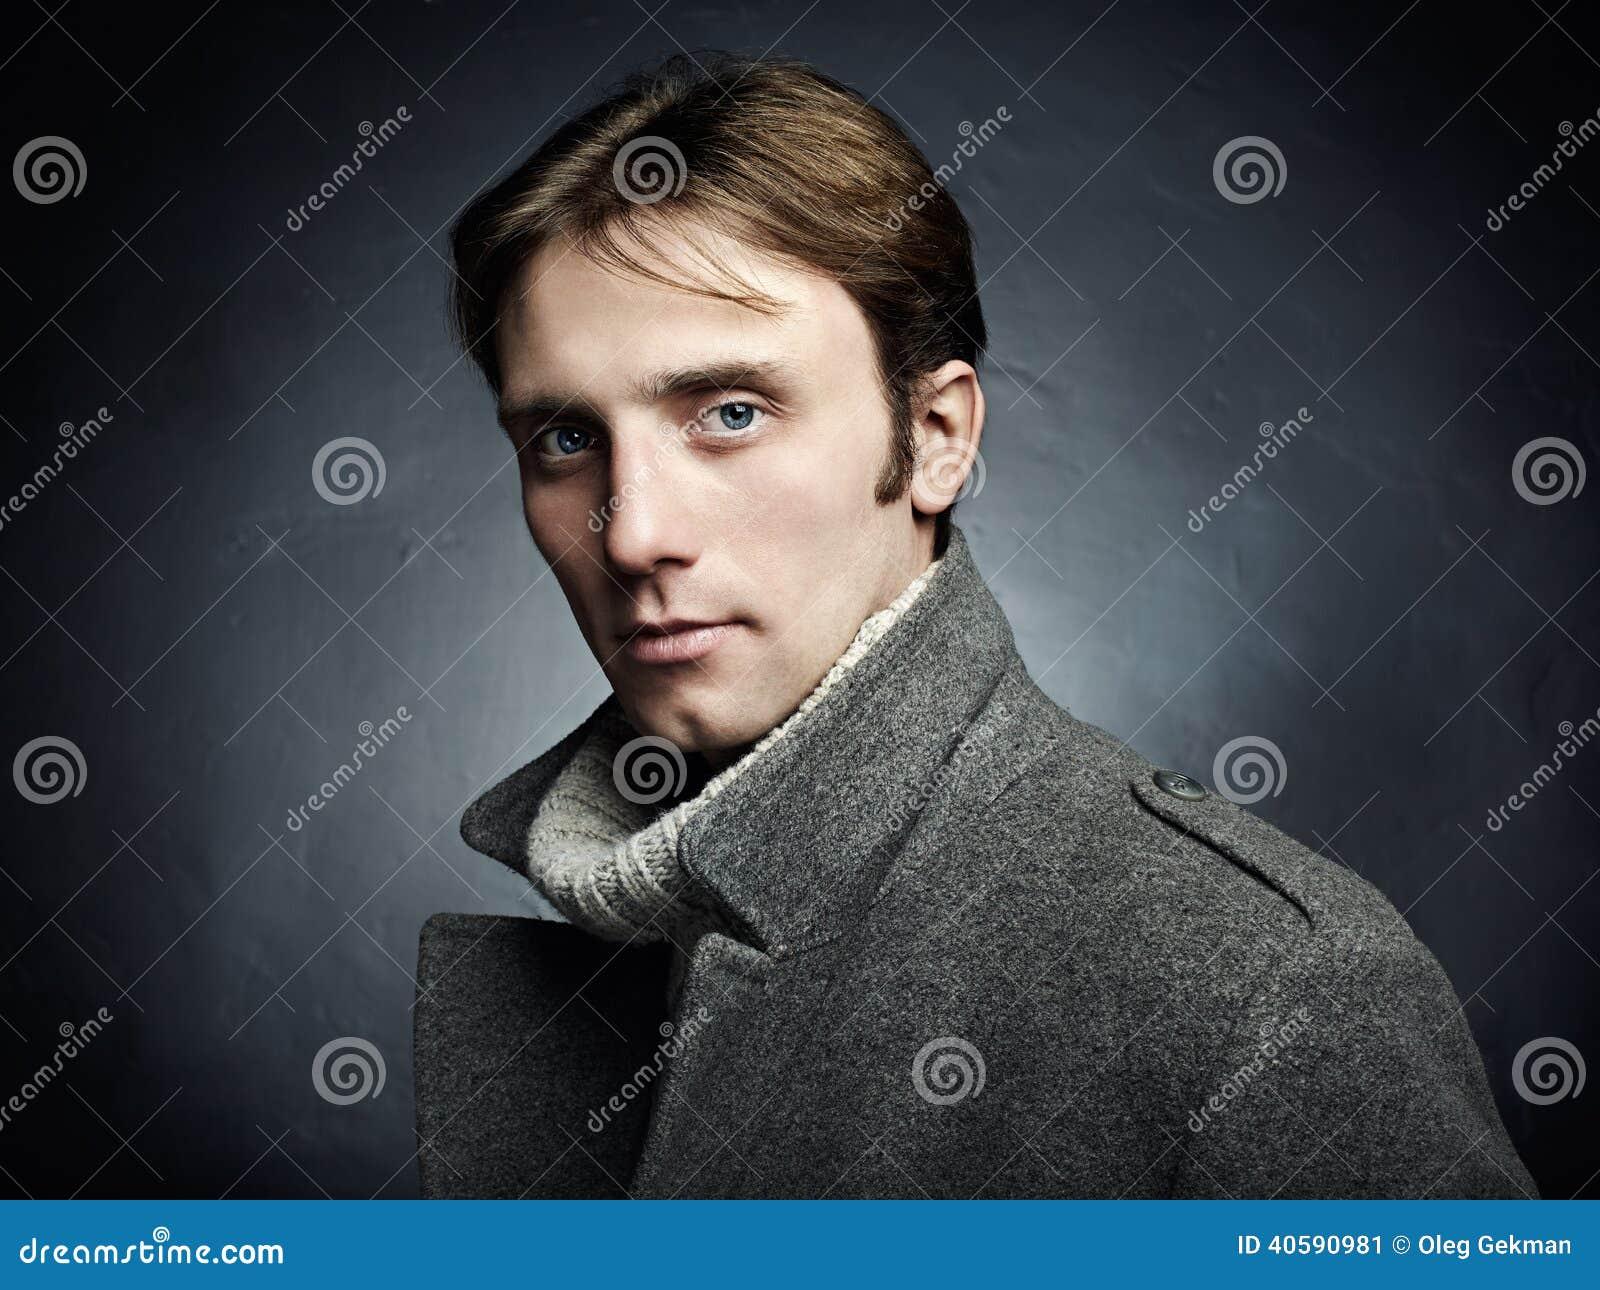 Download Художнический темный портрет молодого красивого человека в сером пальто Стоковое Изображение - изображение насчитывающей людск, бобра: 40590981